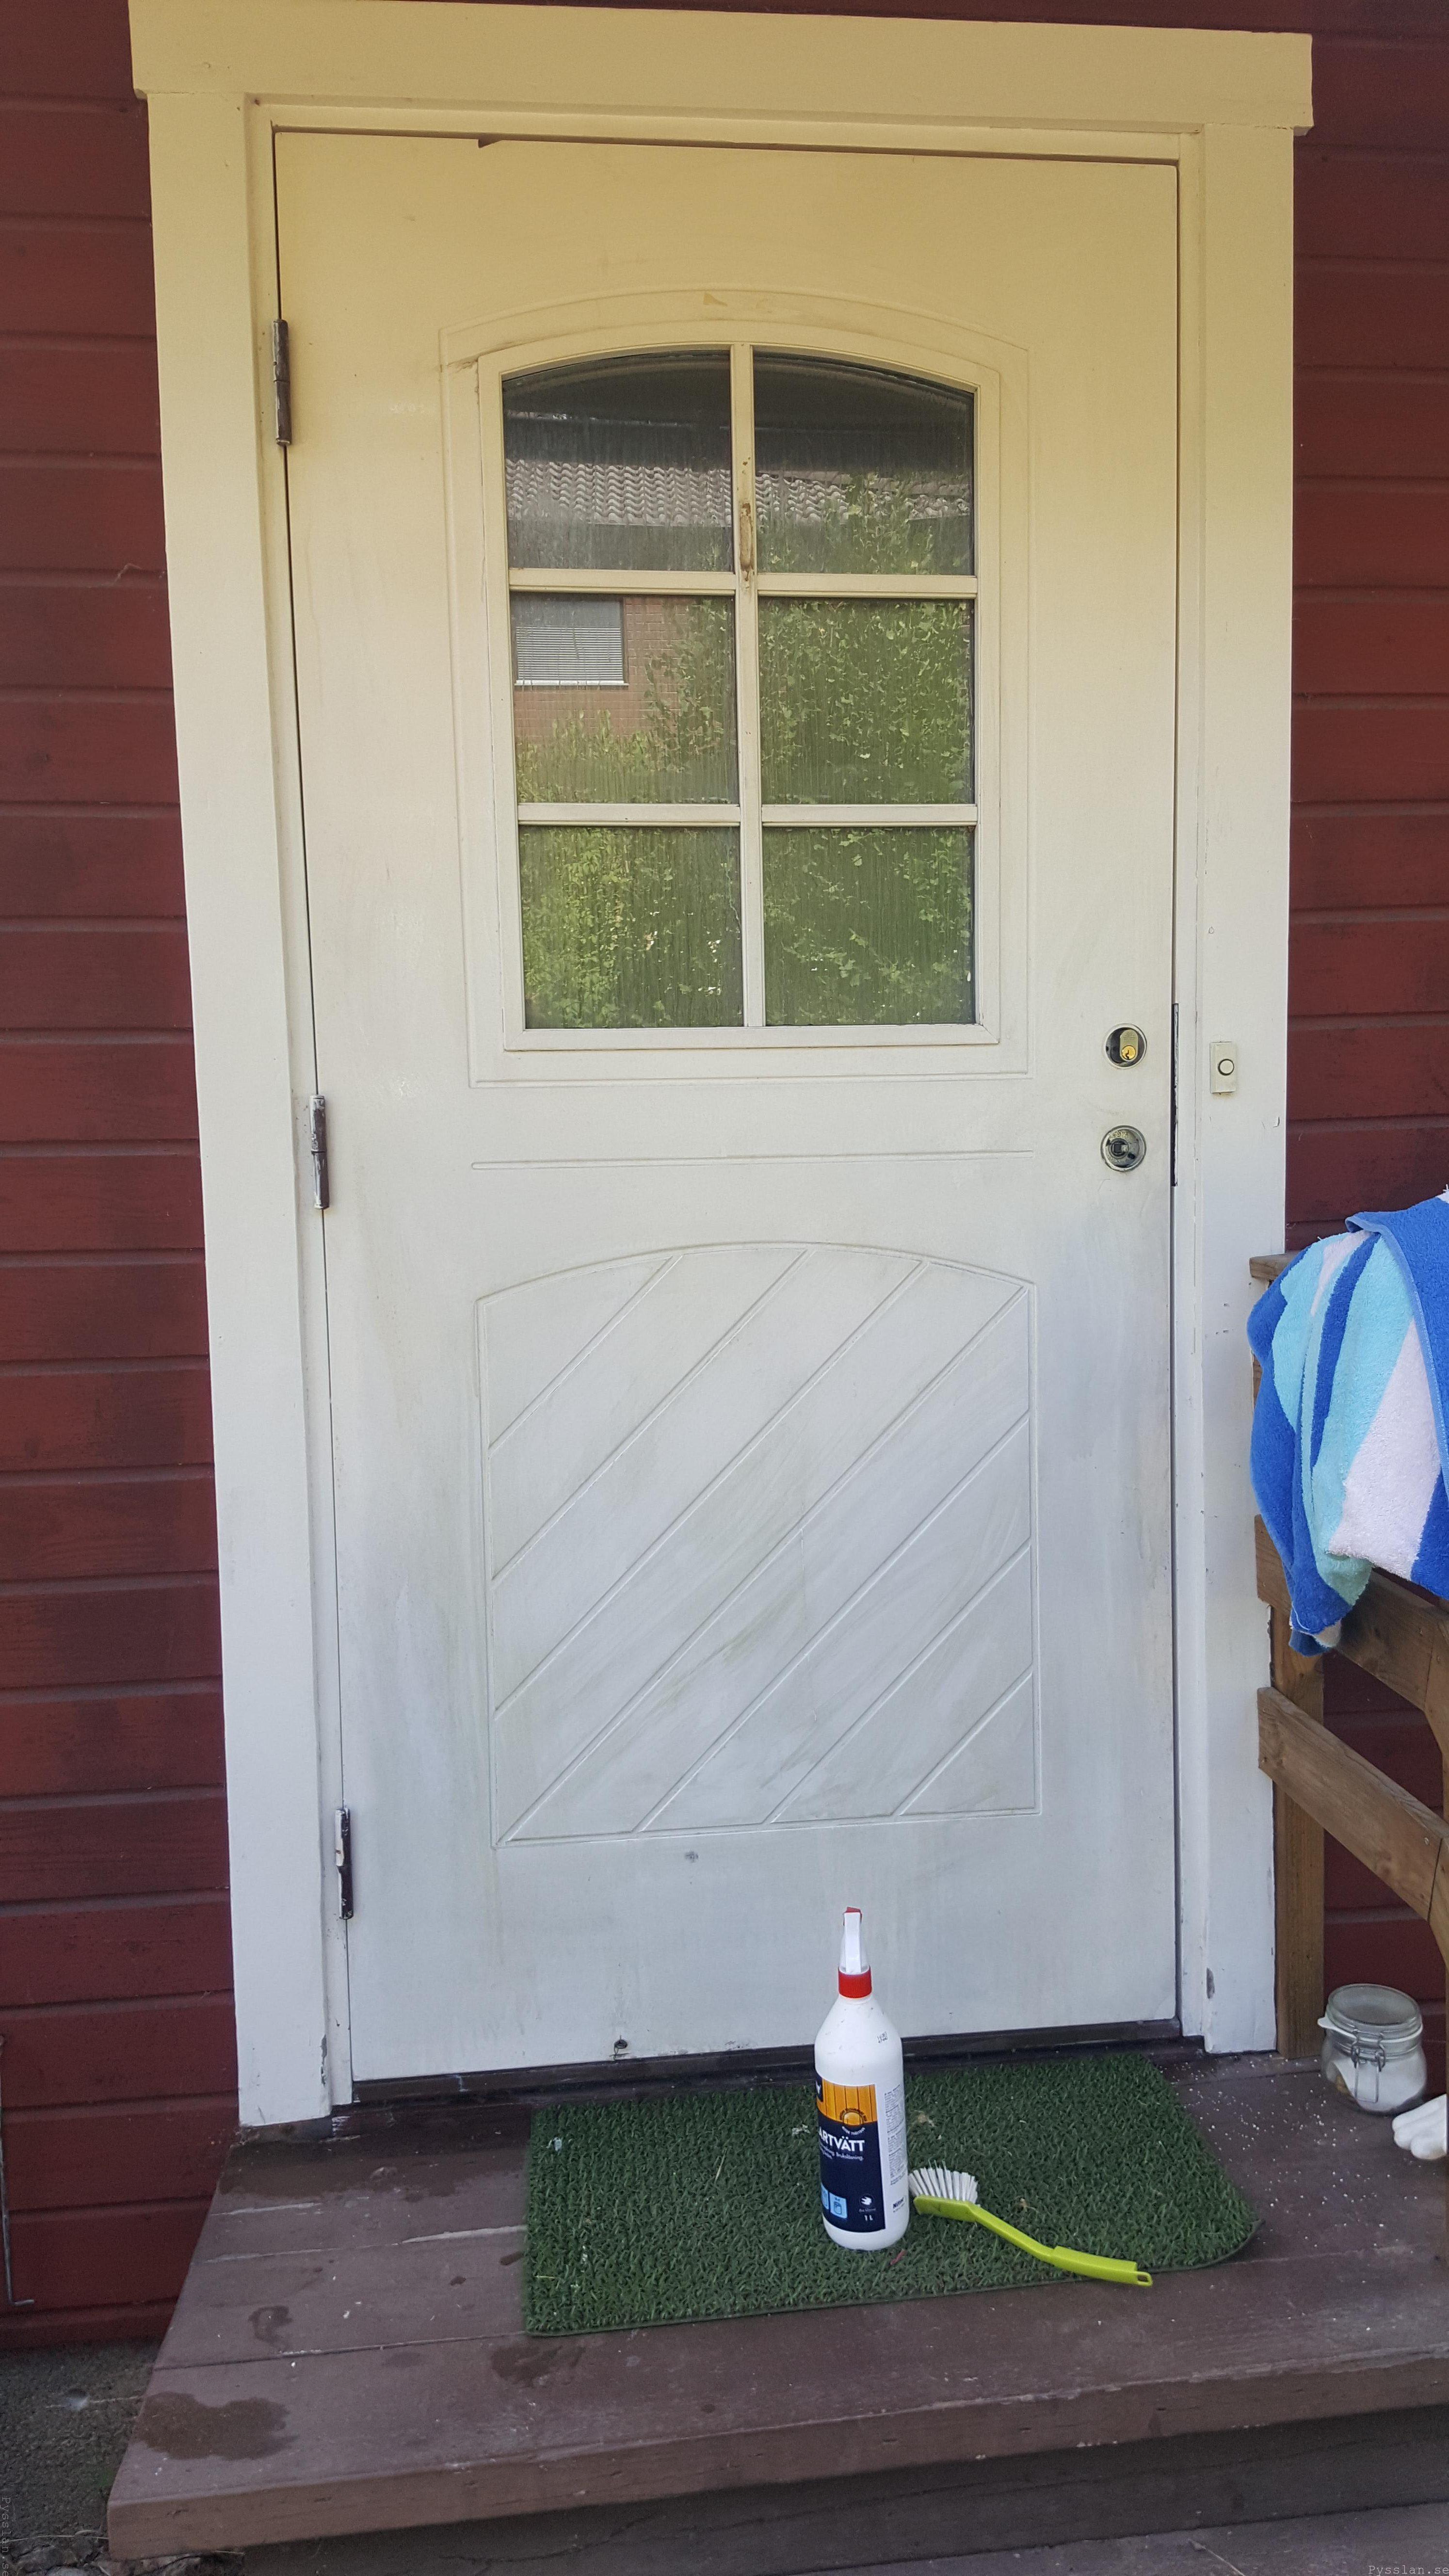 Uppfräschning av ytterdörr i 20-talsstil målartvätt pysslan blogg villasmultronbacken 20-talsdröm 20-talshus